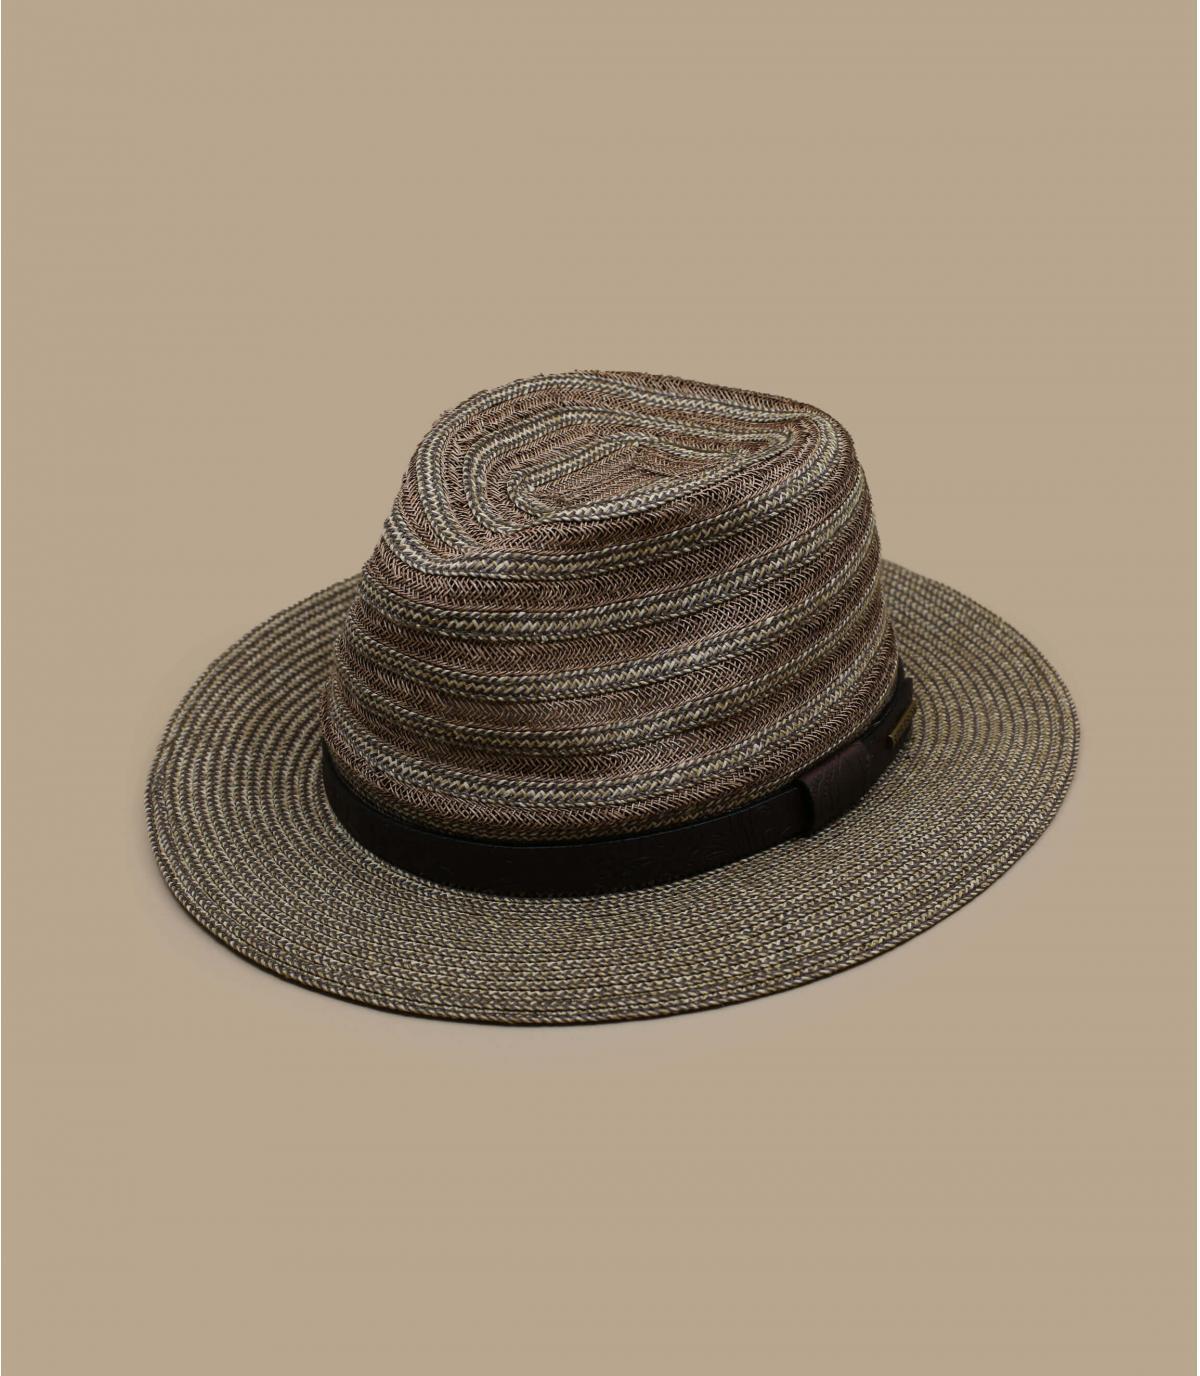 cappello di paglia in pelle